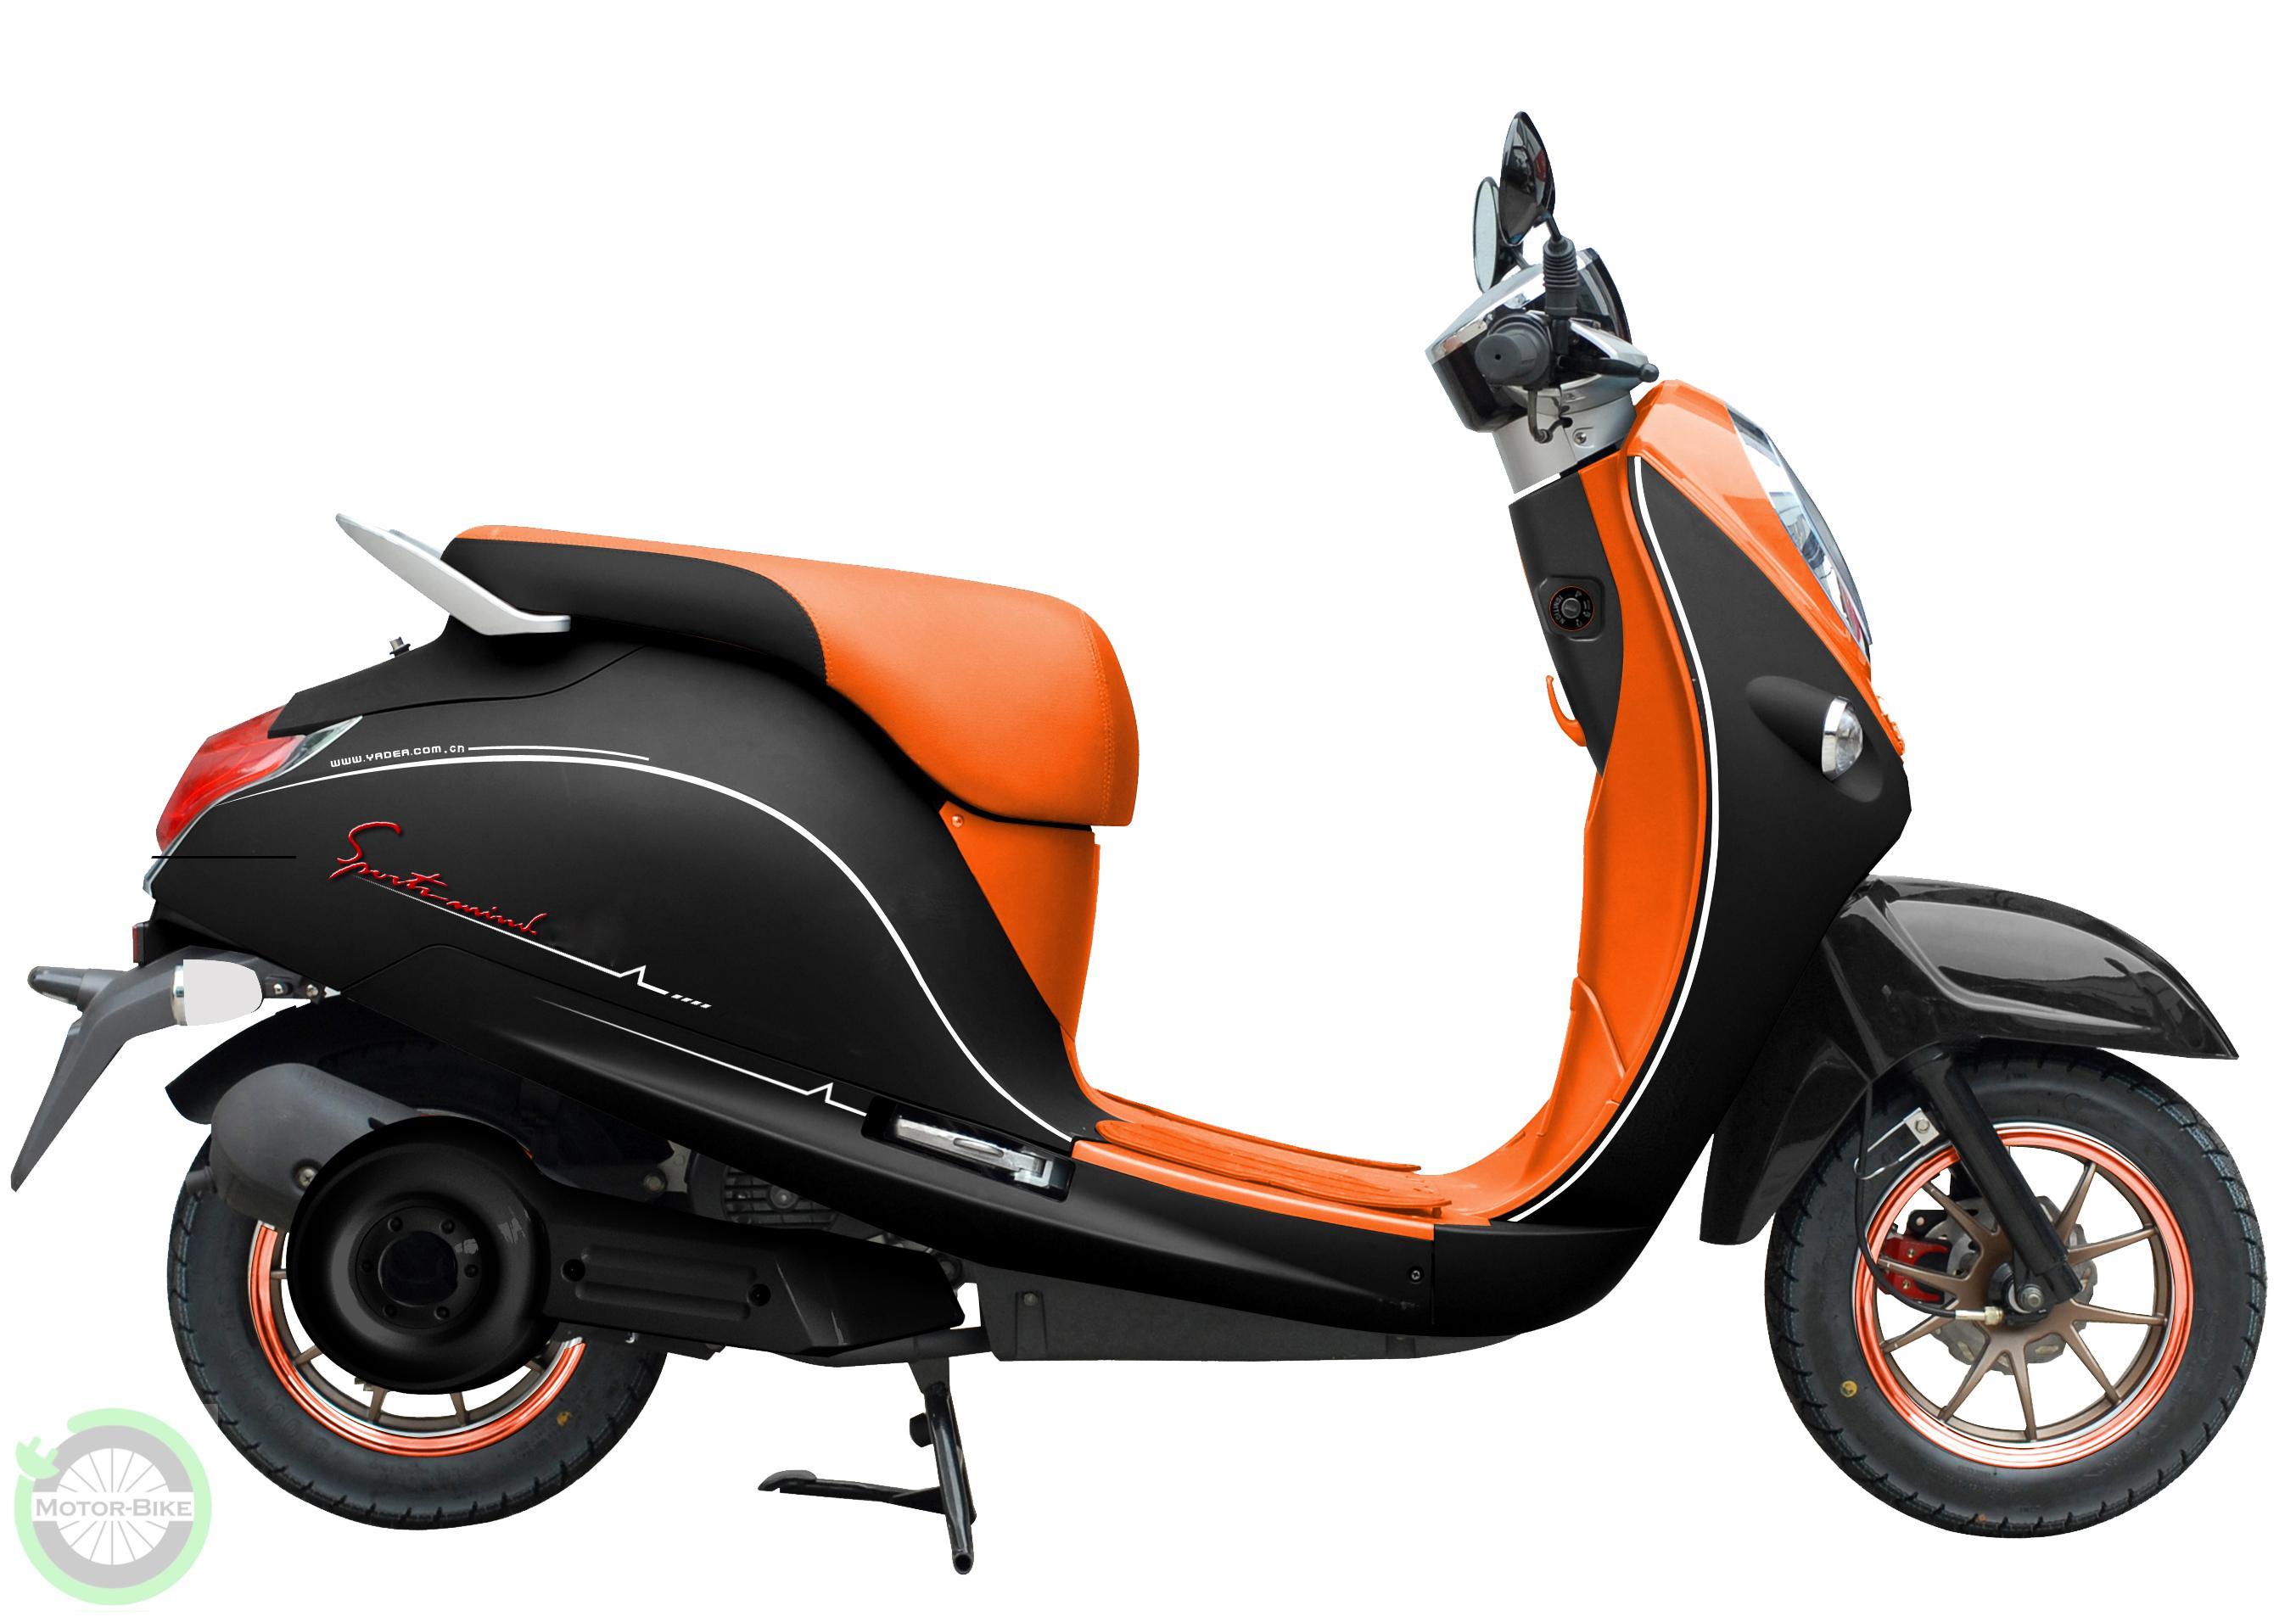 Scuter Electric Zt28 Malibu Orange Pret 5 350 Lei